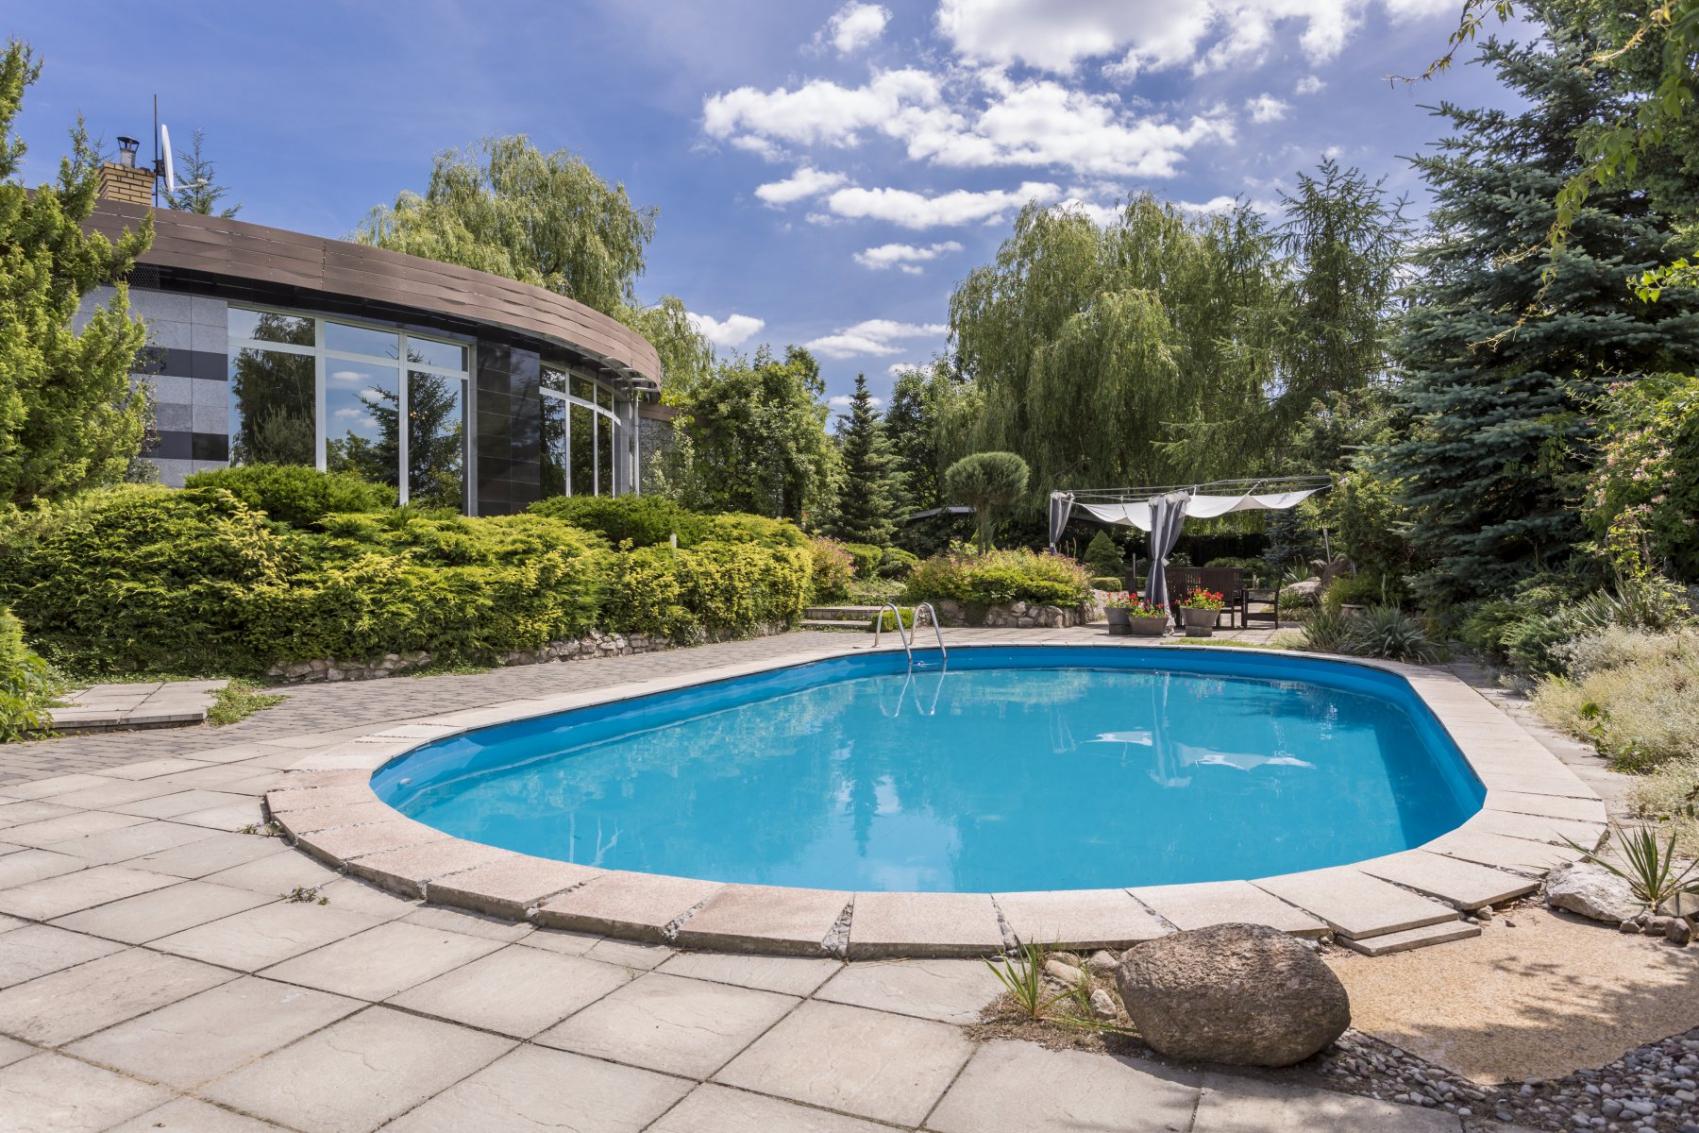 Niezbędne akcesoria do basenu ogrodowego - zadbaj o higienę w swoim basenie ogrodowym!